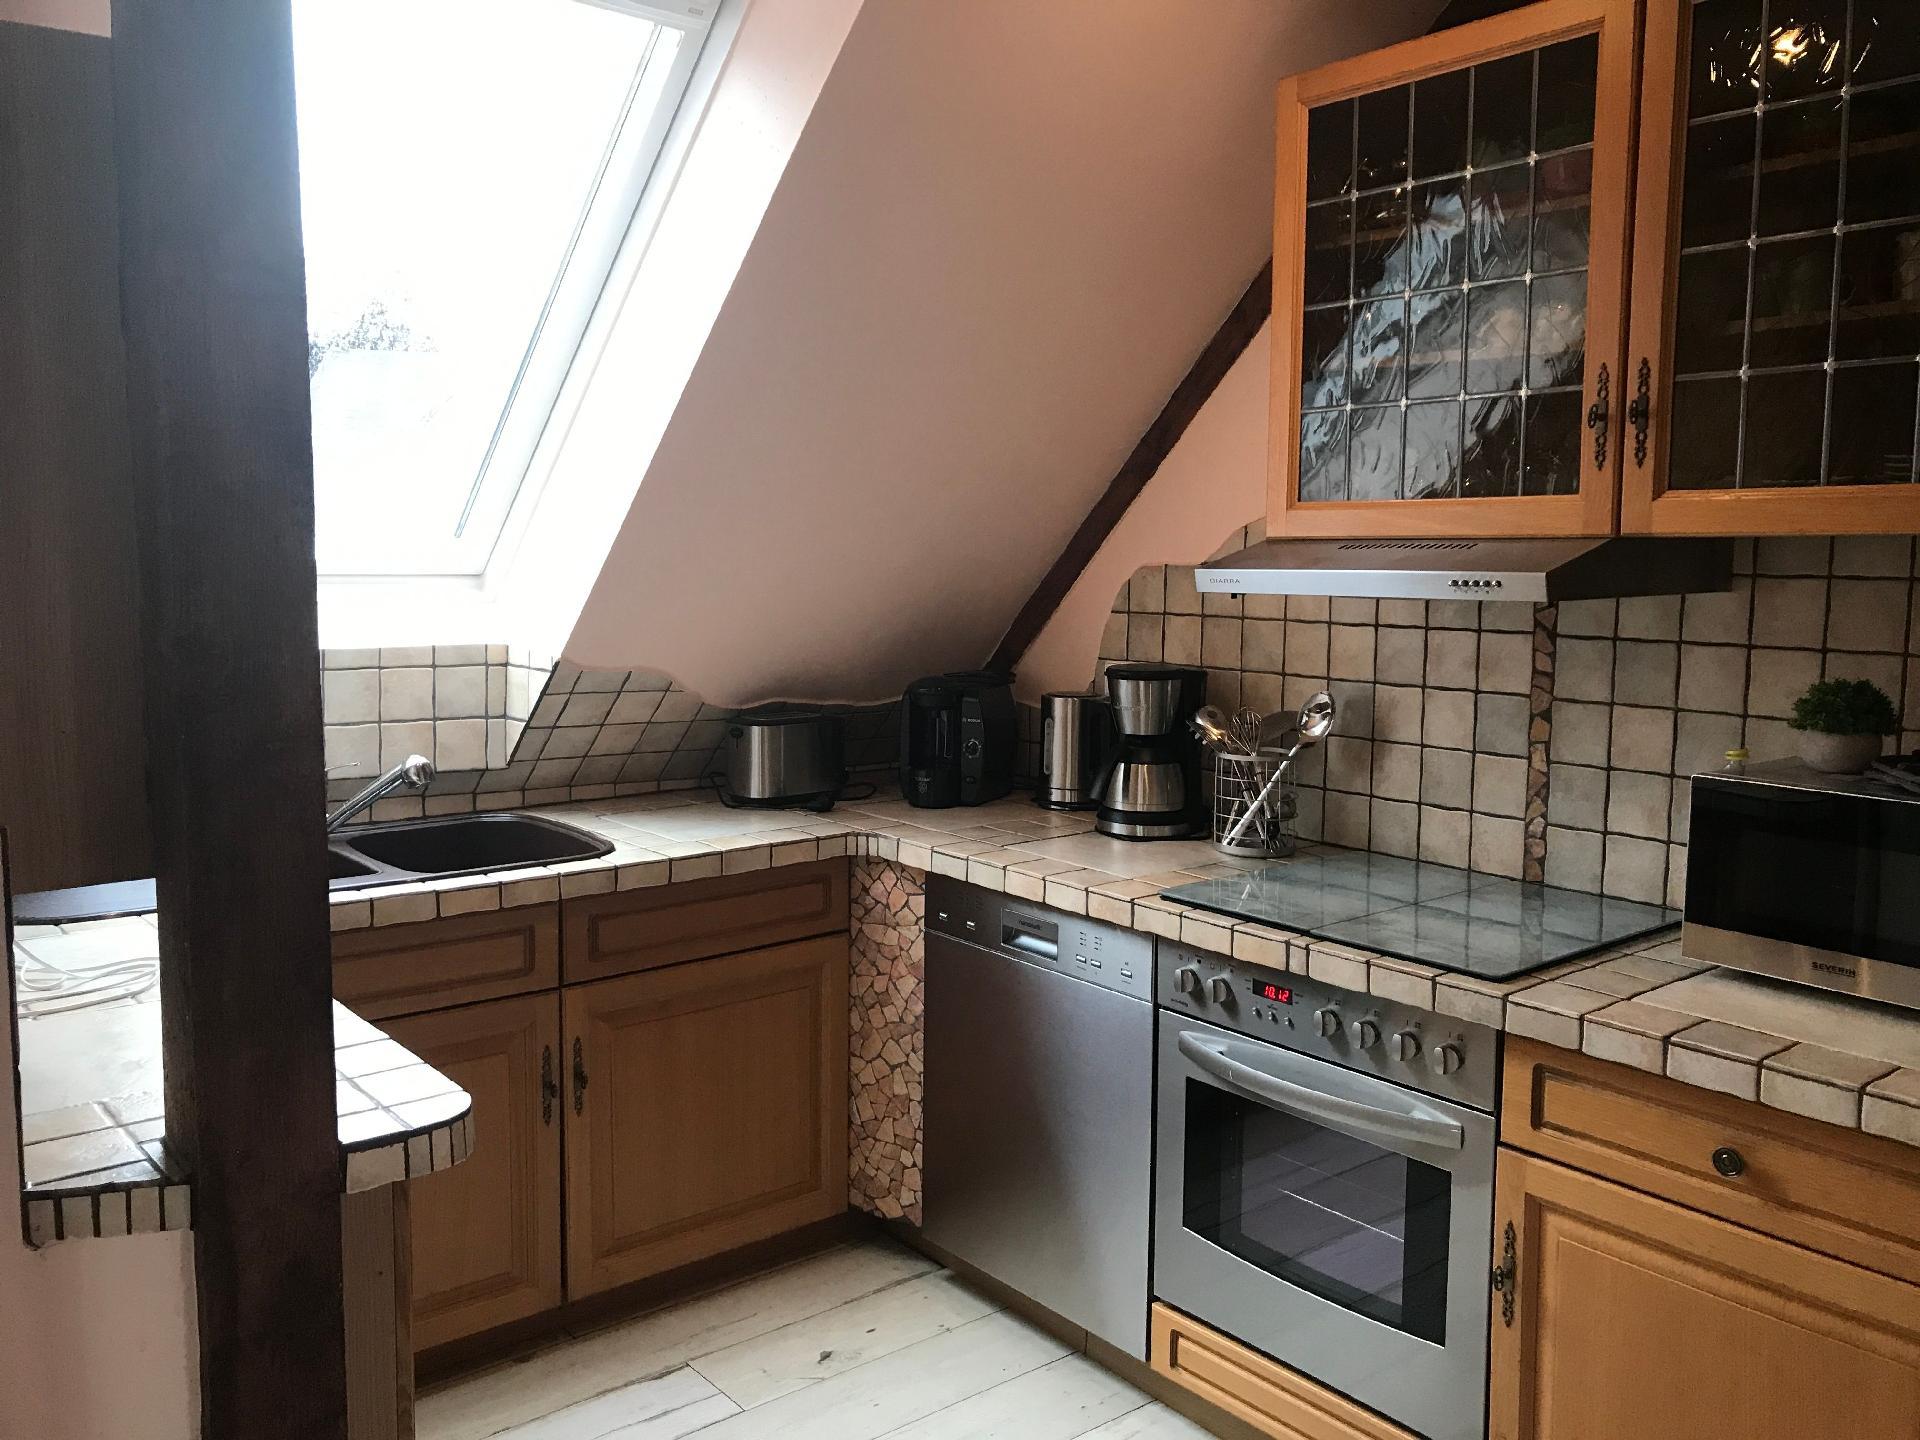 Ferienwohnung für 3 Personen  + 1 Kind ca. 80  in Sachsen